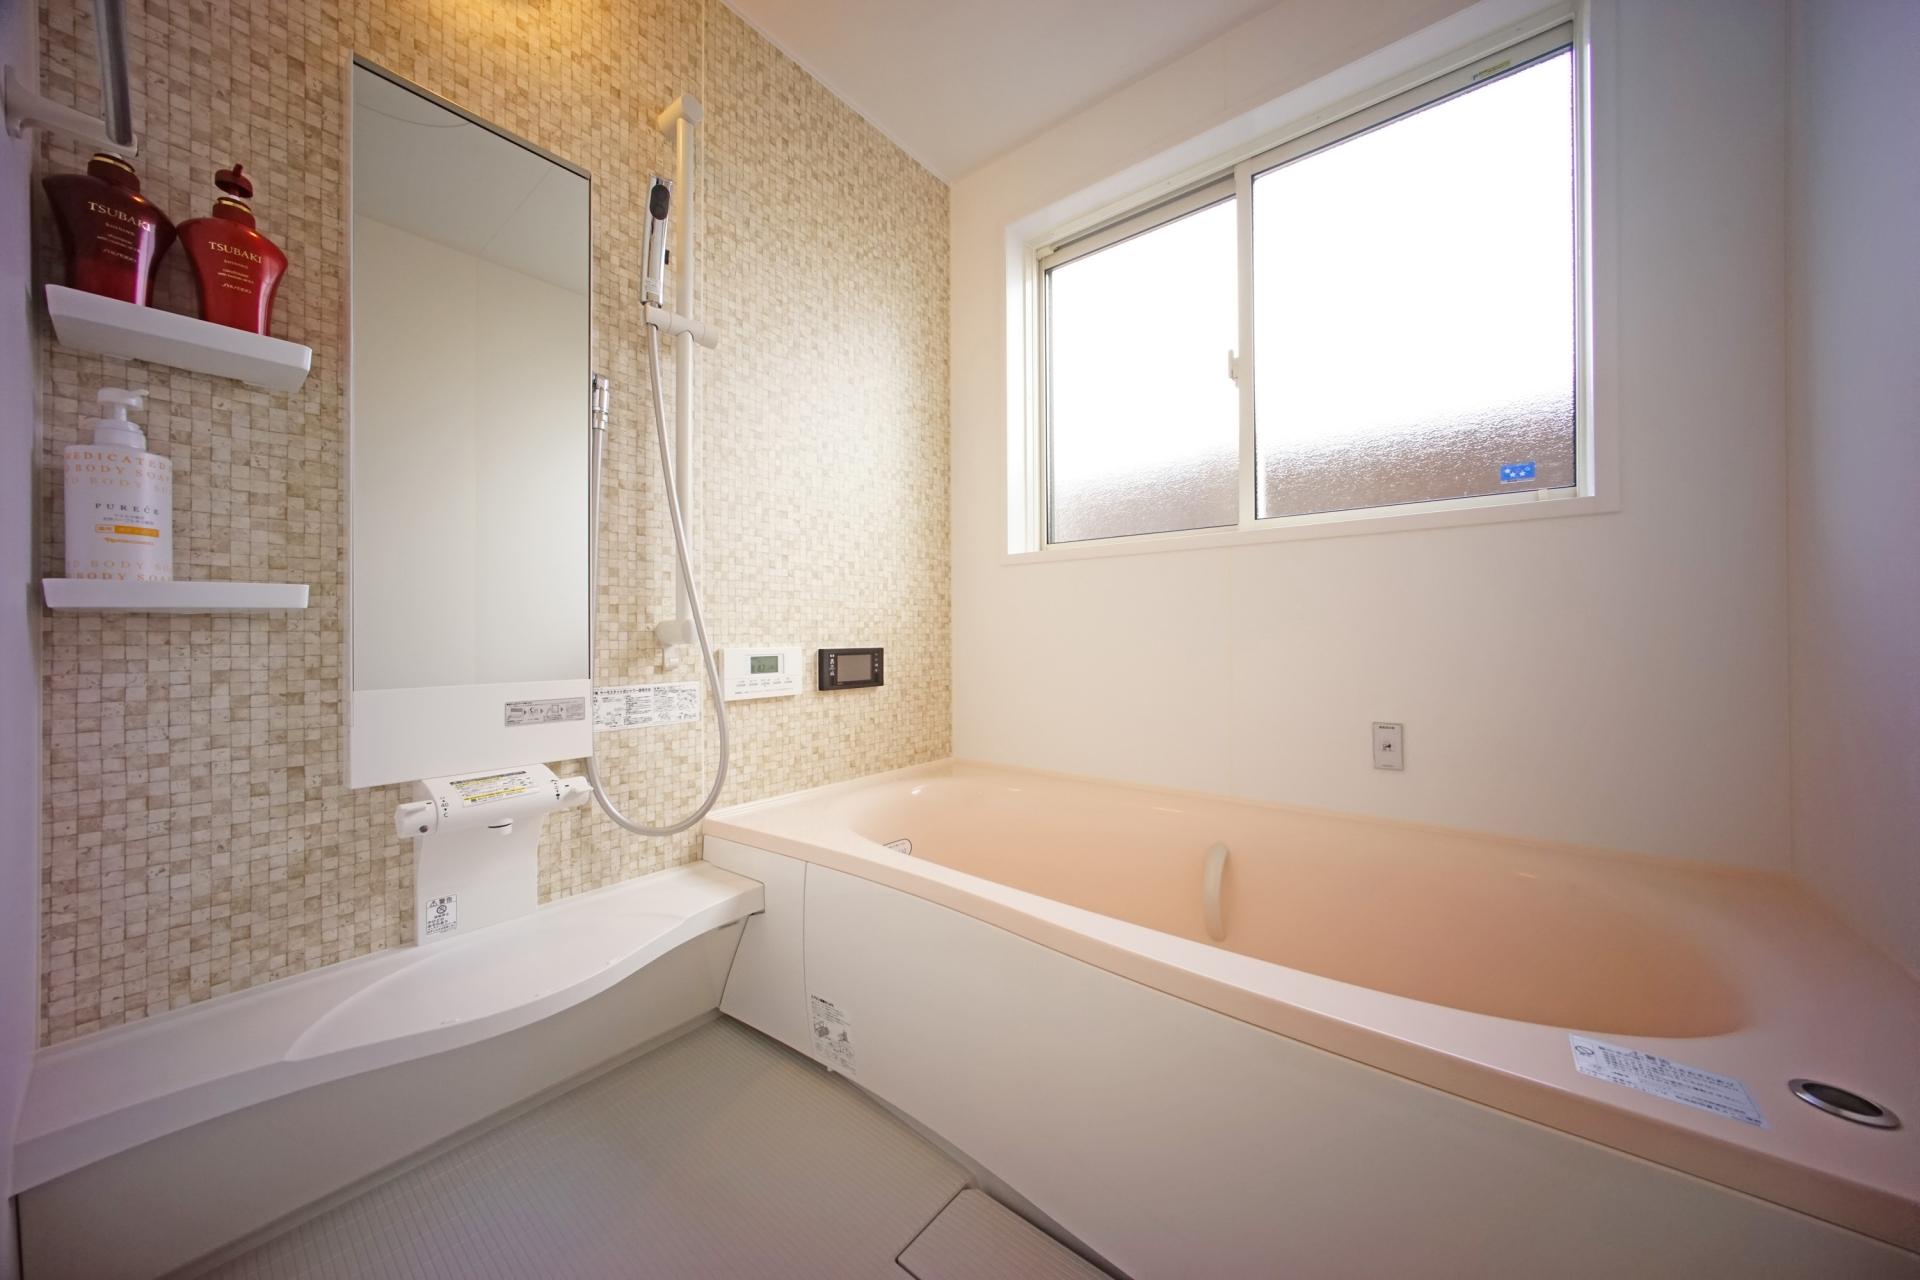 お風呂場 鏡 水垢 掃除